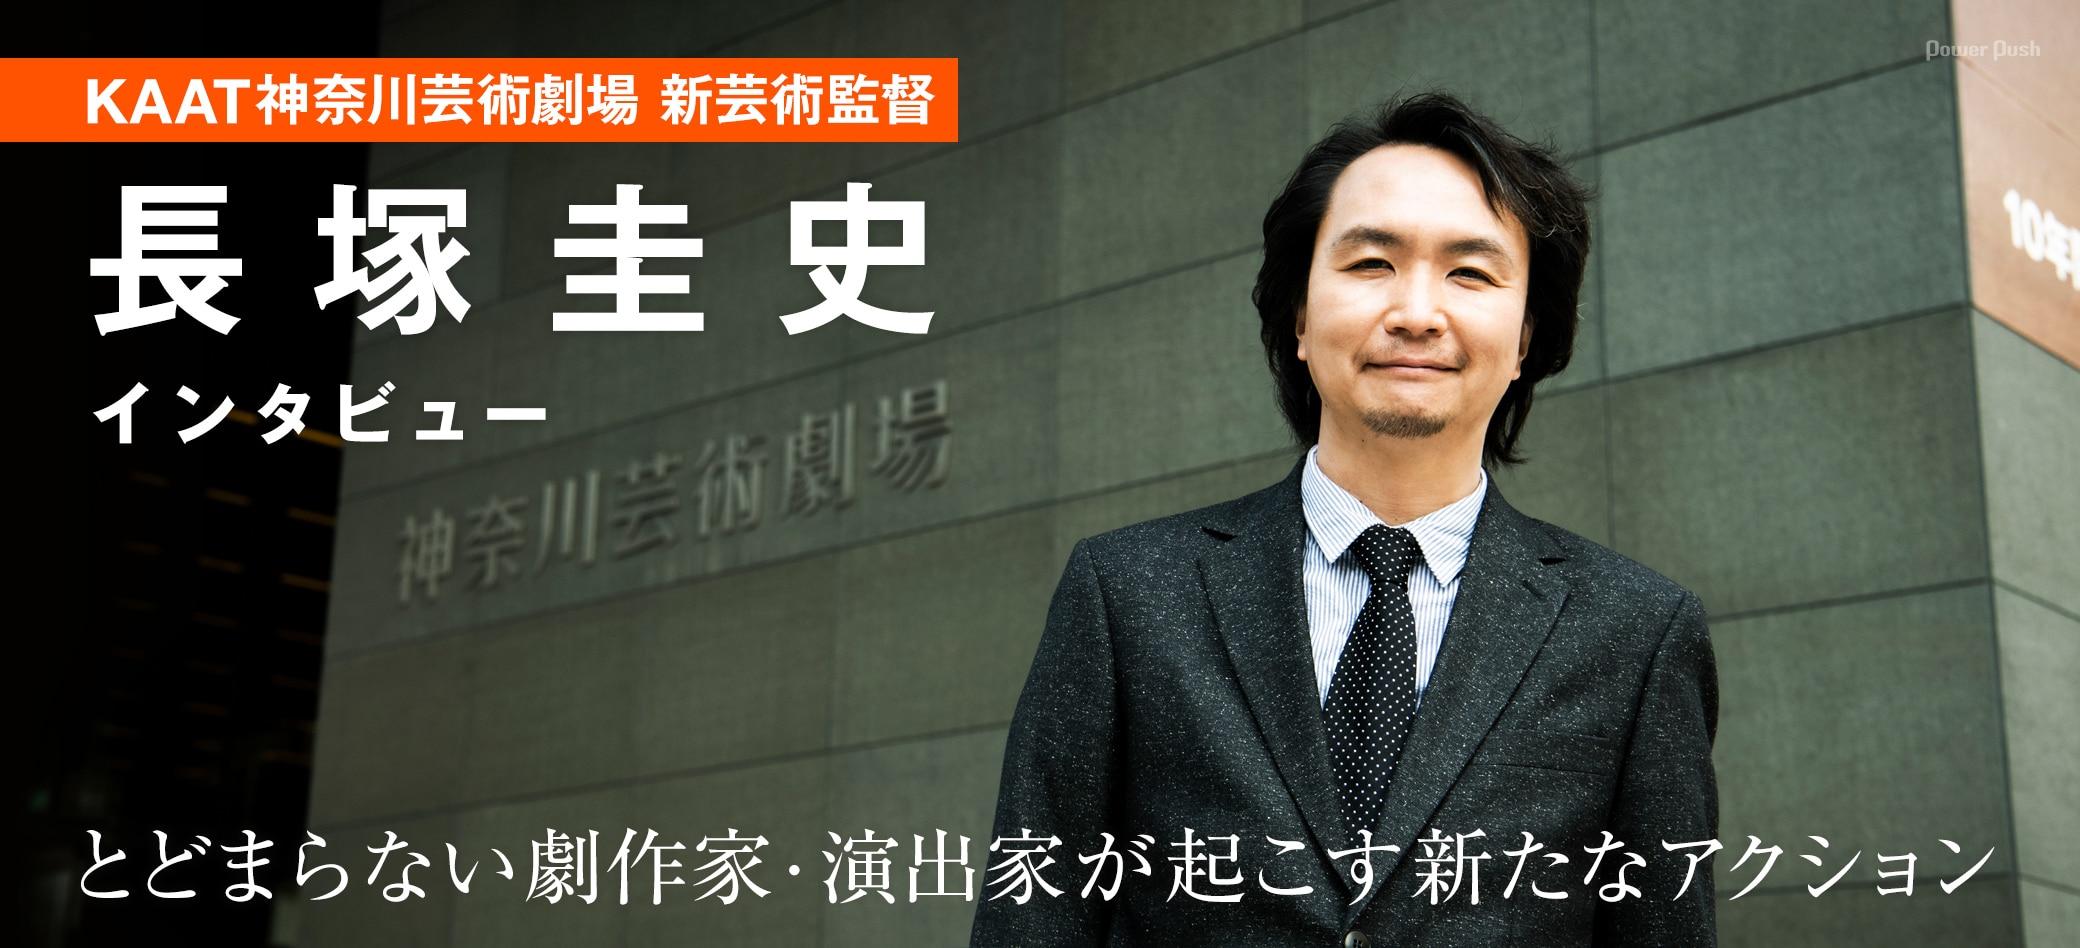 KAAT神奈川芸術劇場 新芸術監督・長塚圭史インタビュー|とどまらない劇作家・演出家が起こす新たなアクション